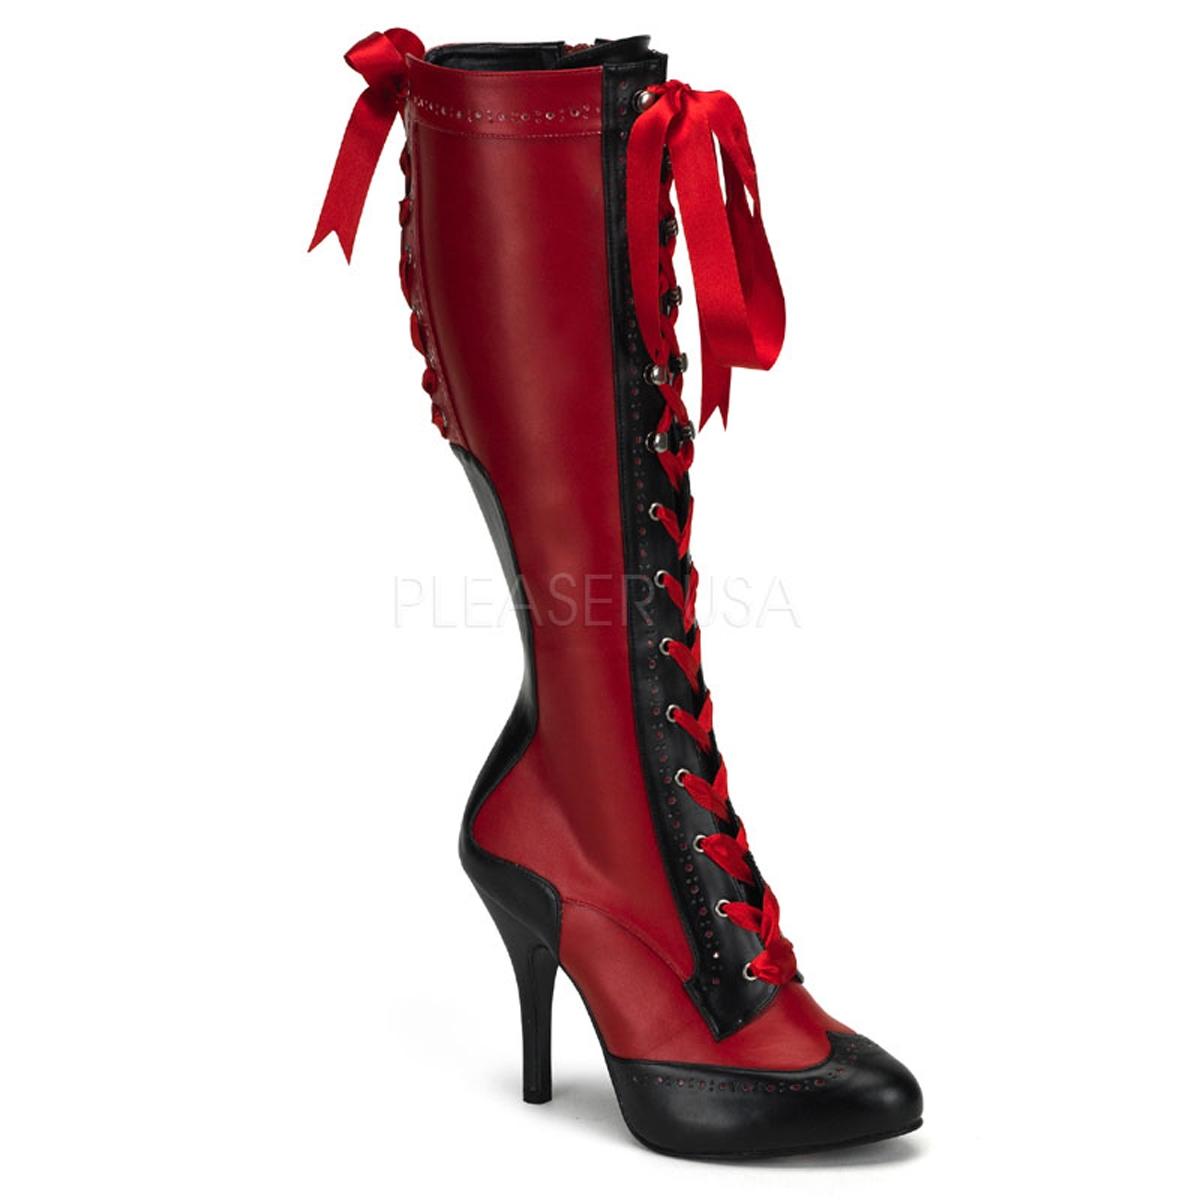 Bottes rouges et noires à lacet - Pointure : 40